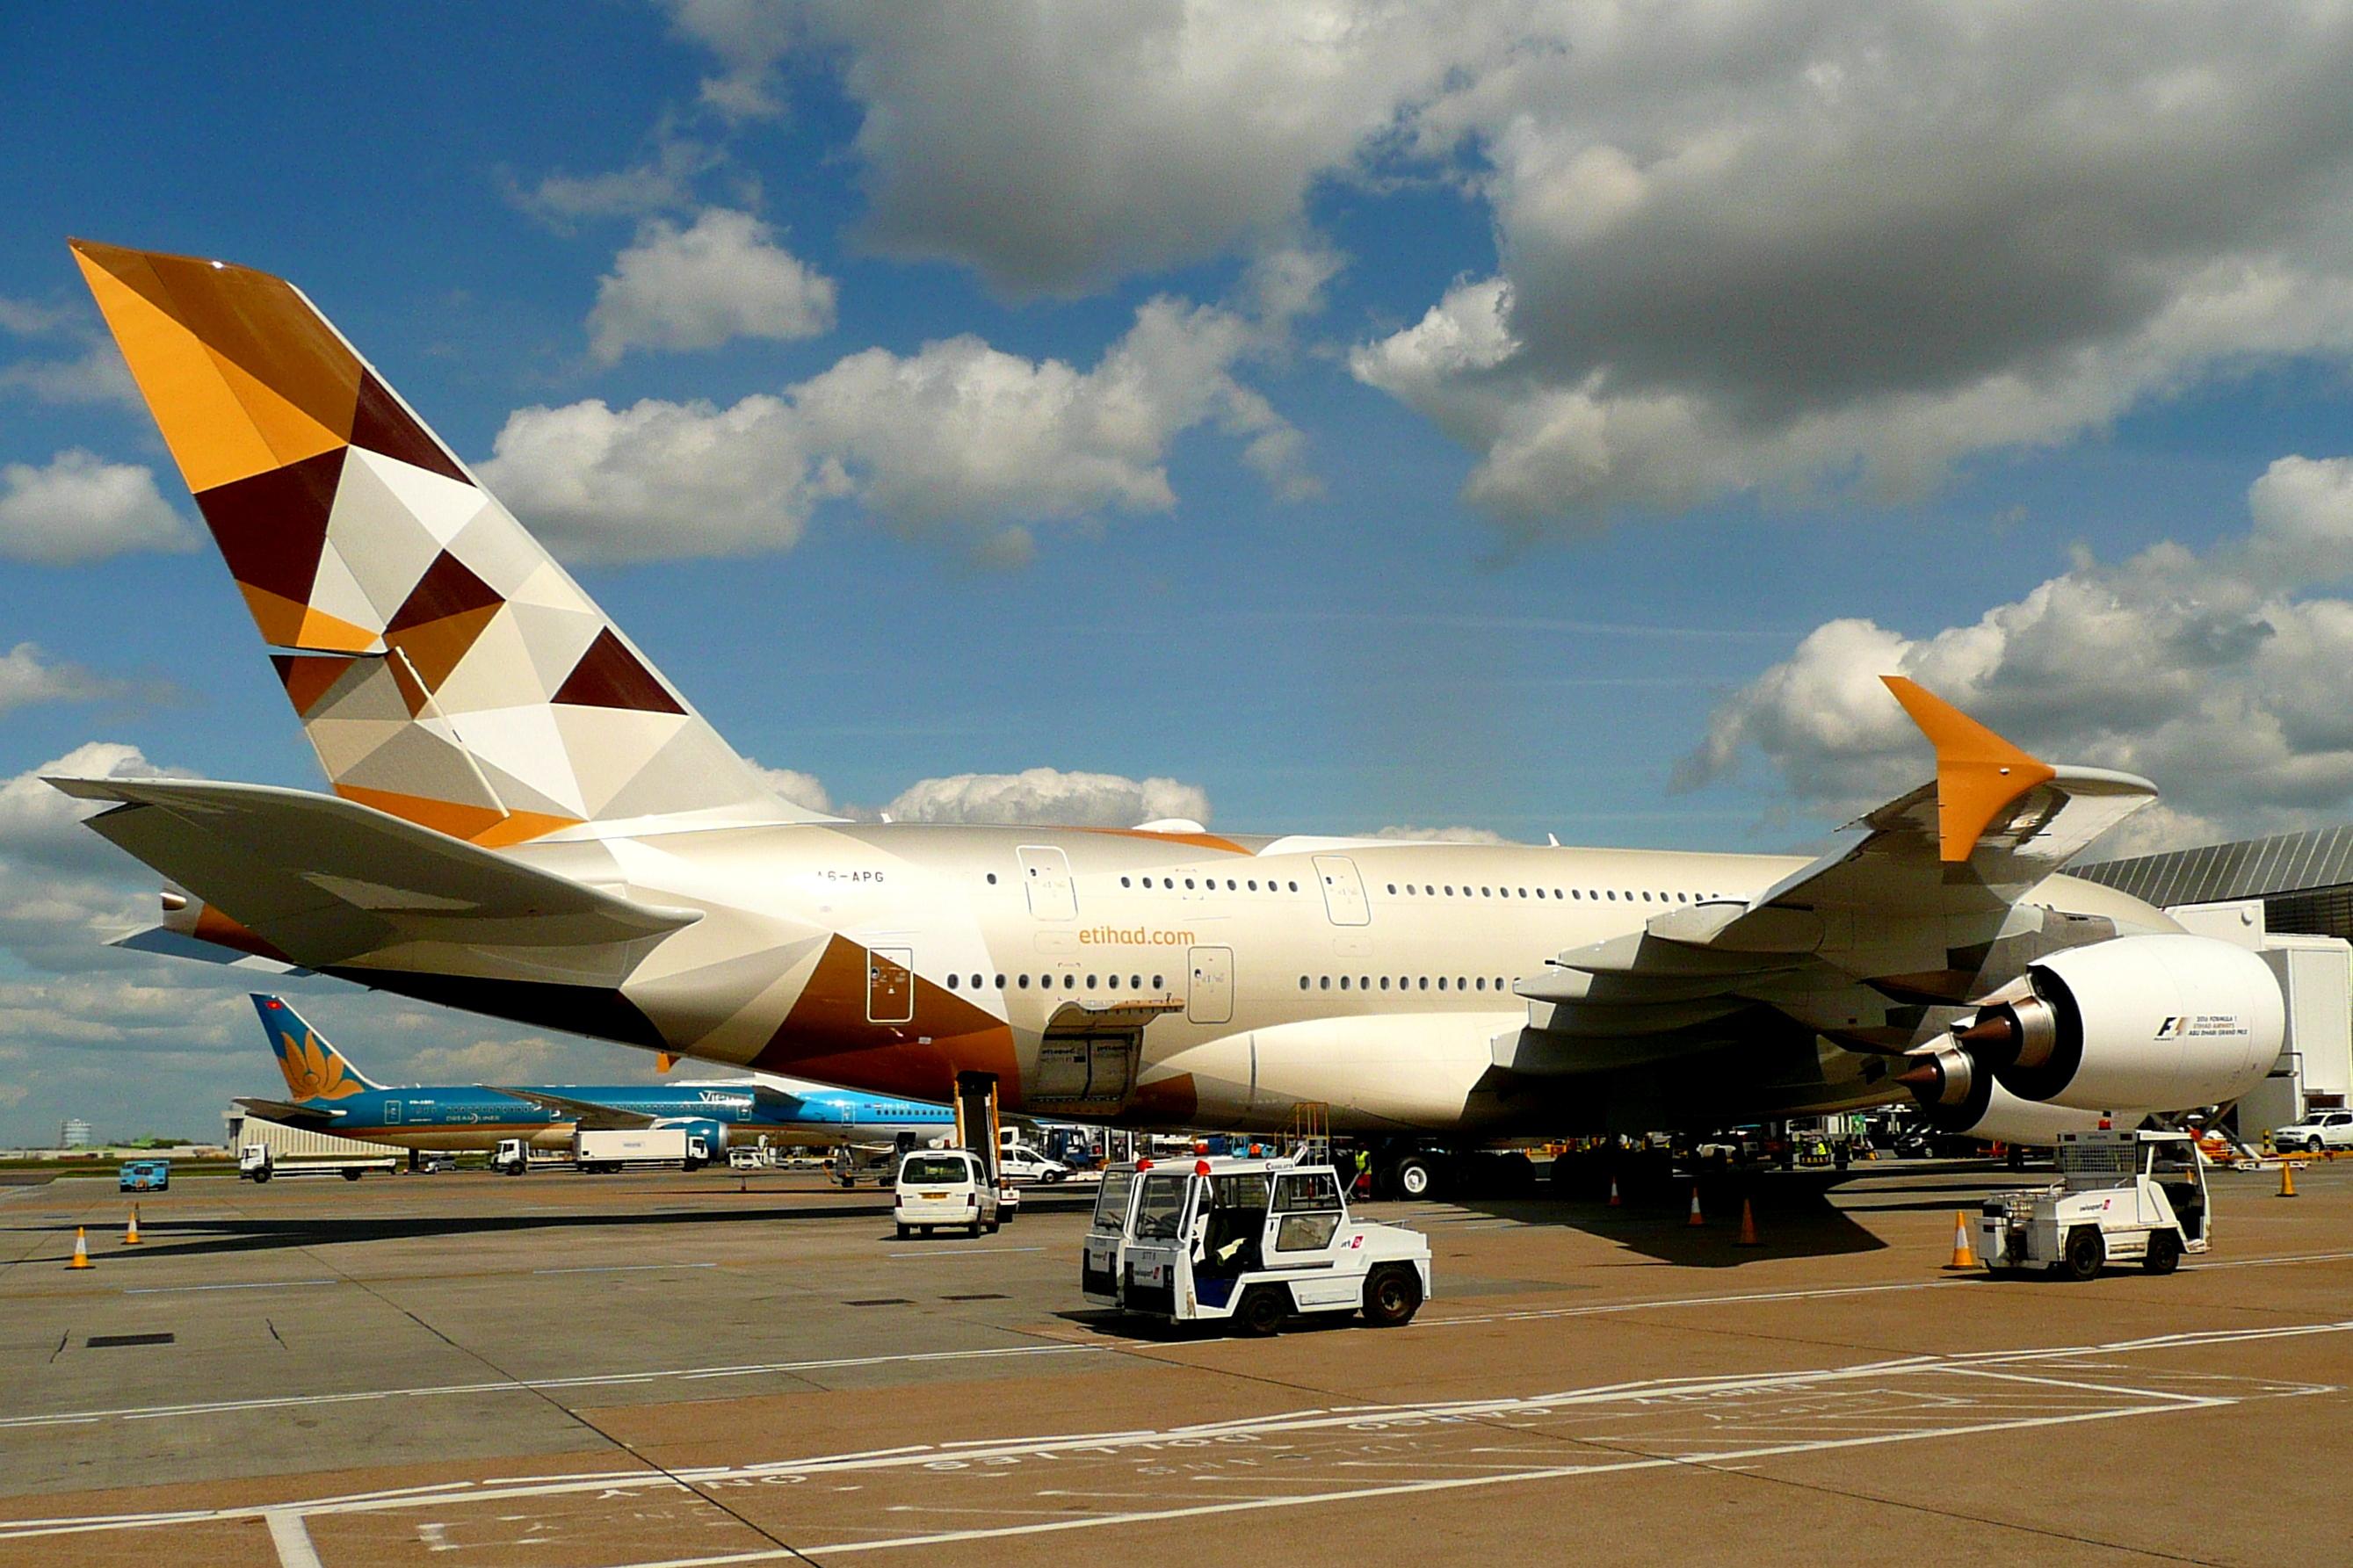 Etihad_Airways,_Airbus_A380